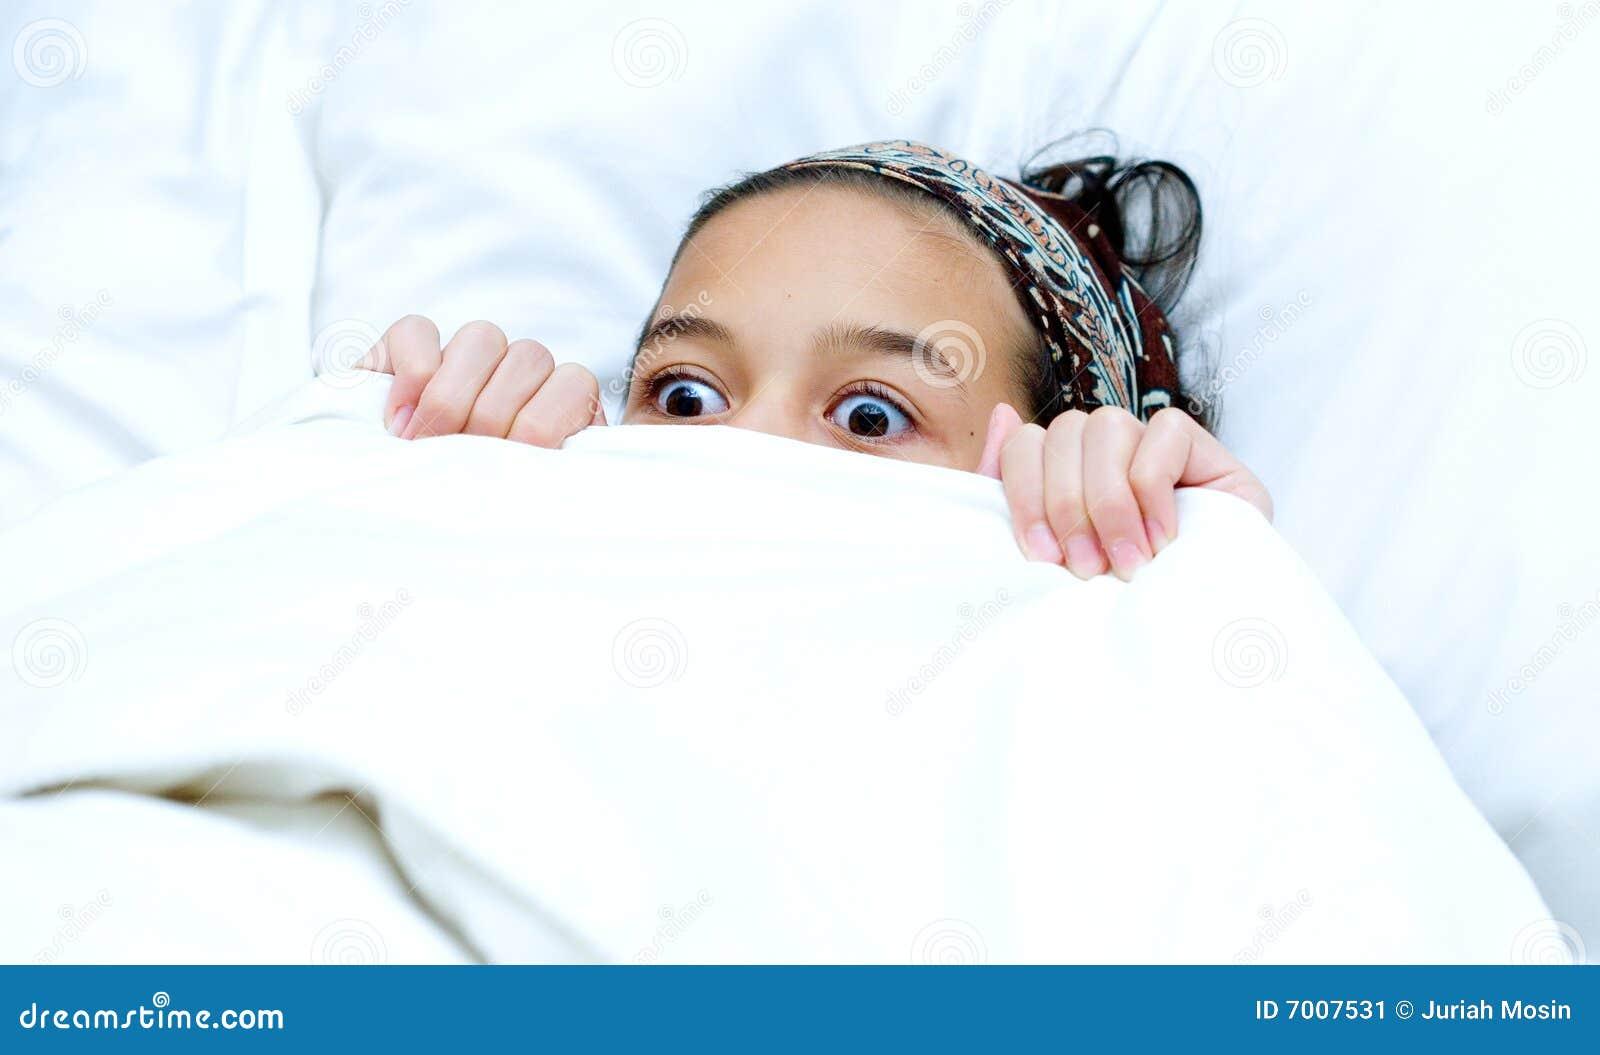 Child Hiding Behind Bl...